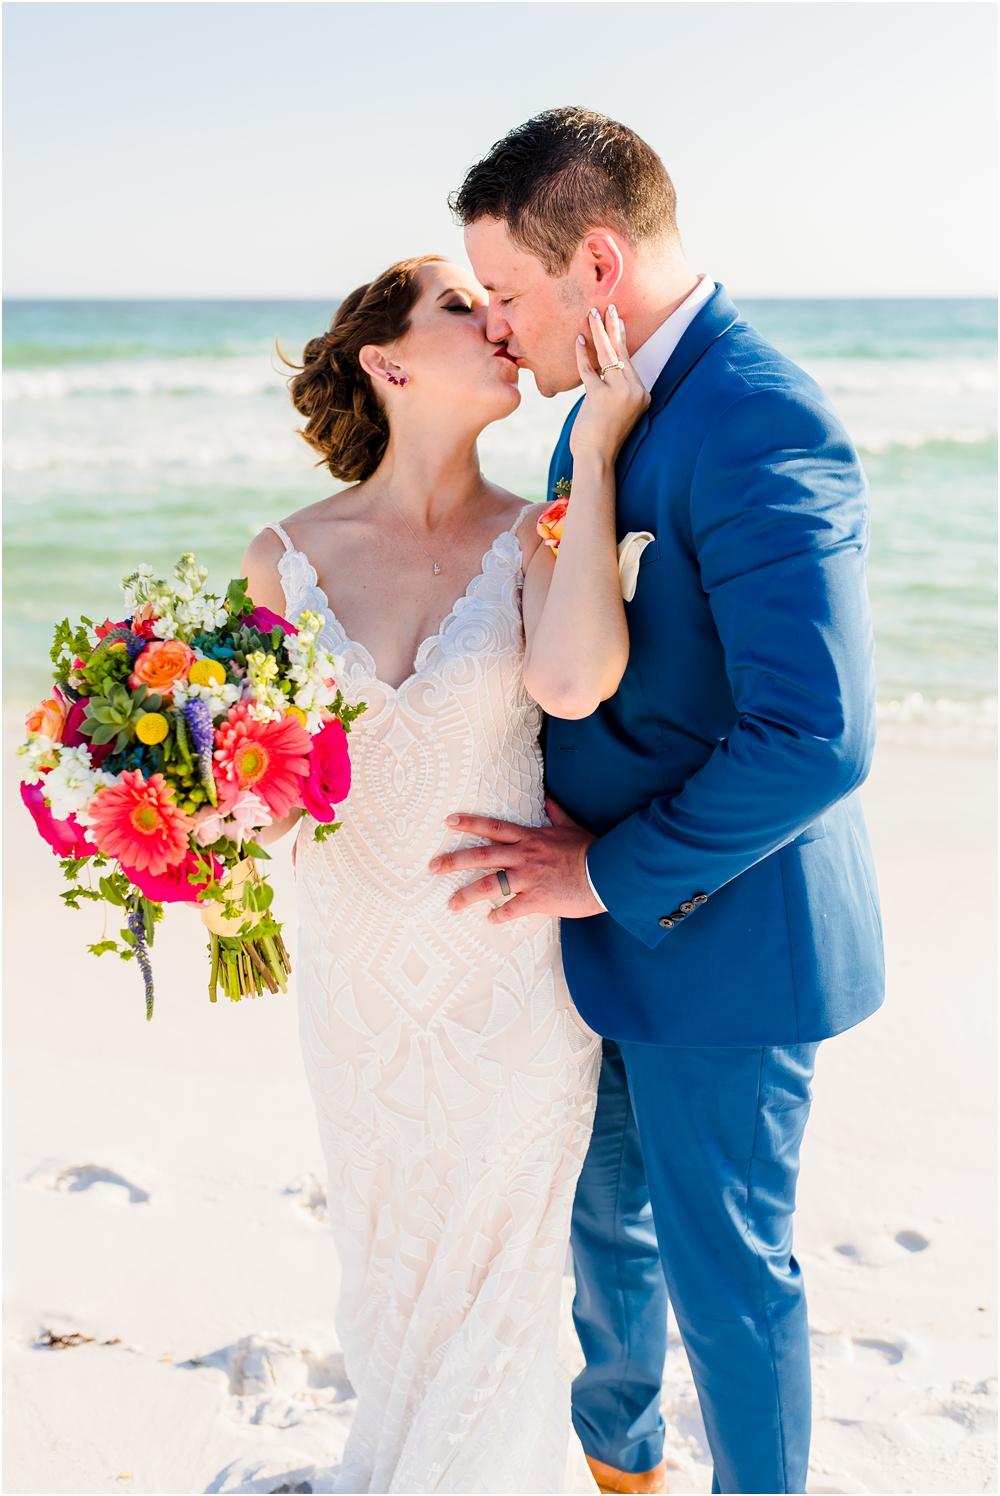 destin-sunquest-cruise-wedding-kiersten-stevenson-photography-82.jpg